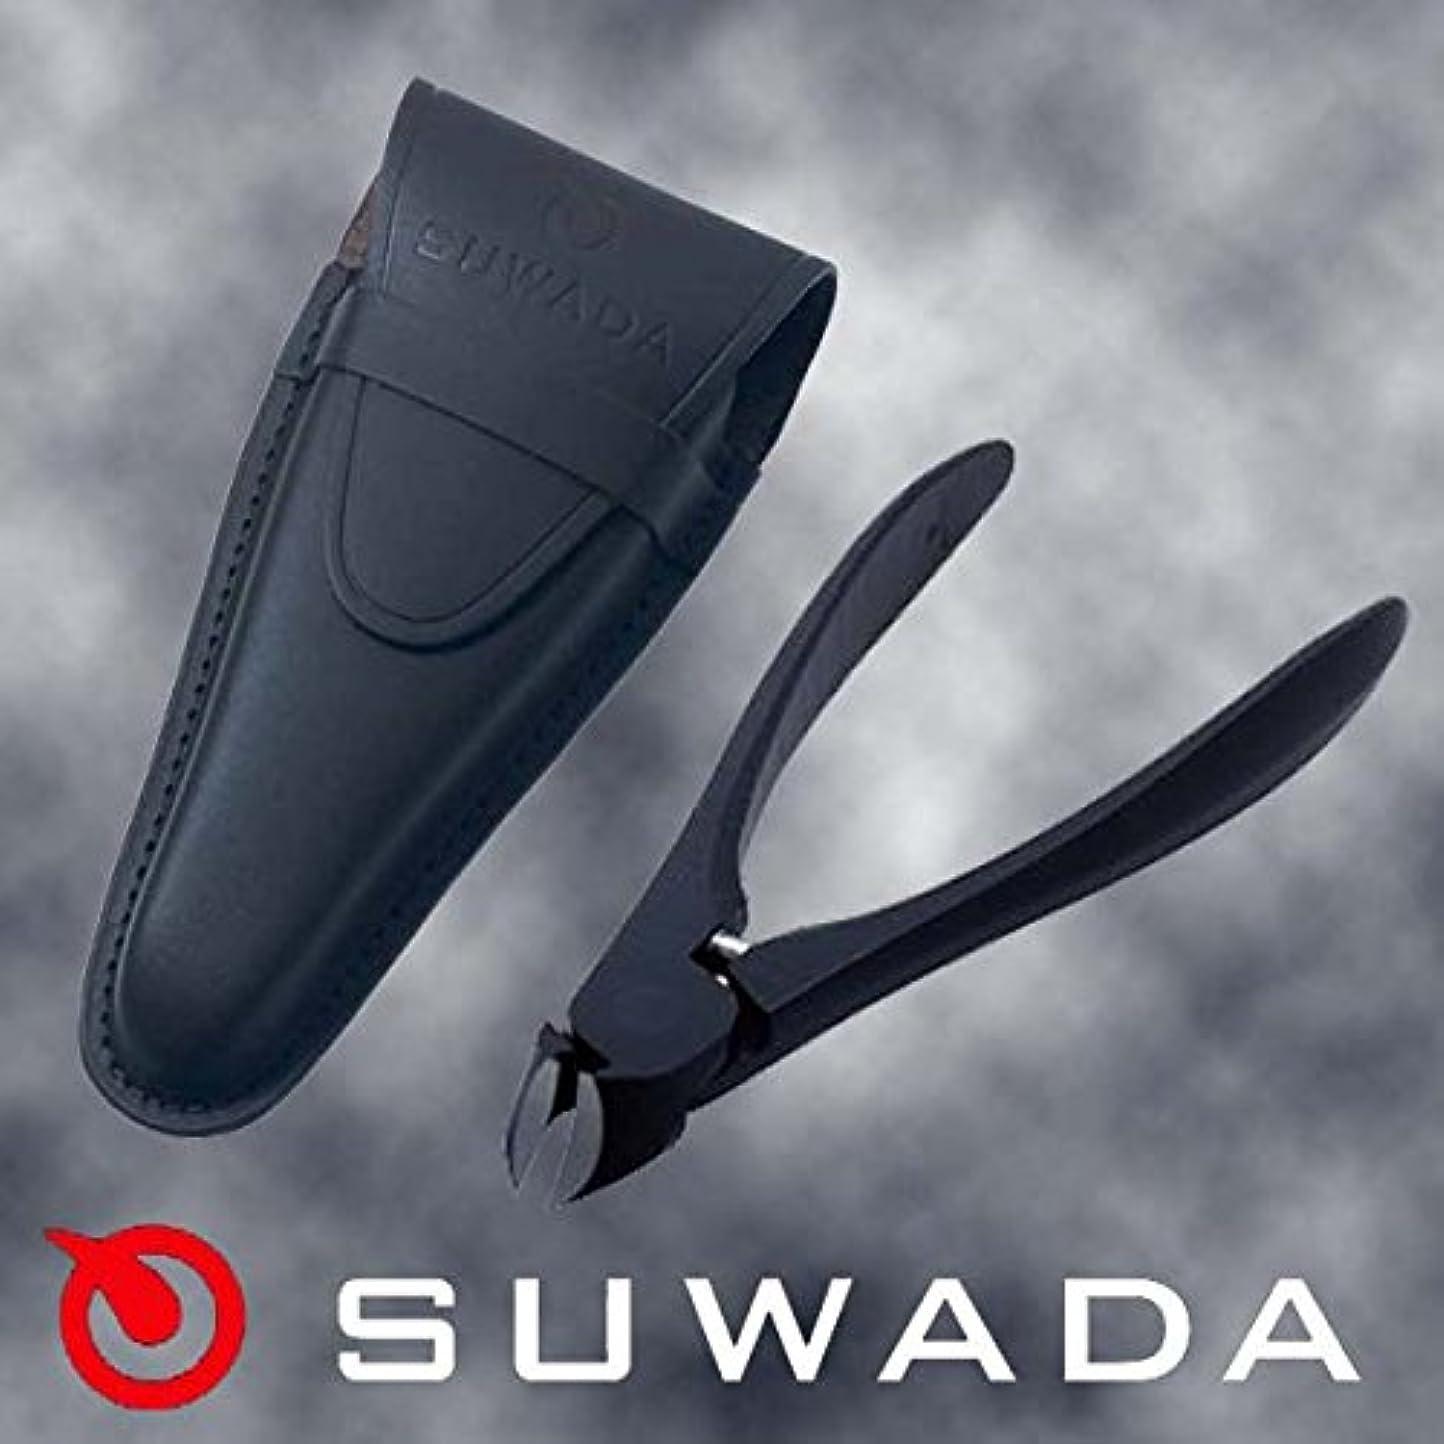 検出思想蓮SUWADA爪切りブラックL&ブラック革ケースセット 諏訪田製作所製 スワダの爪切り